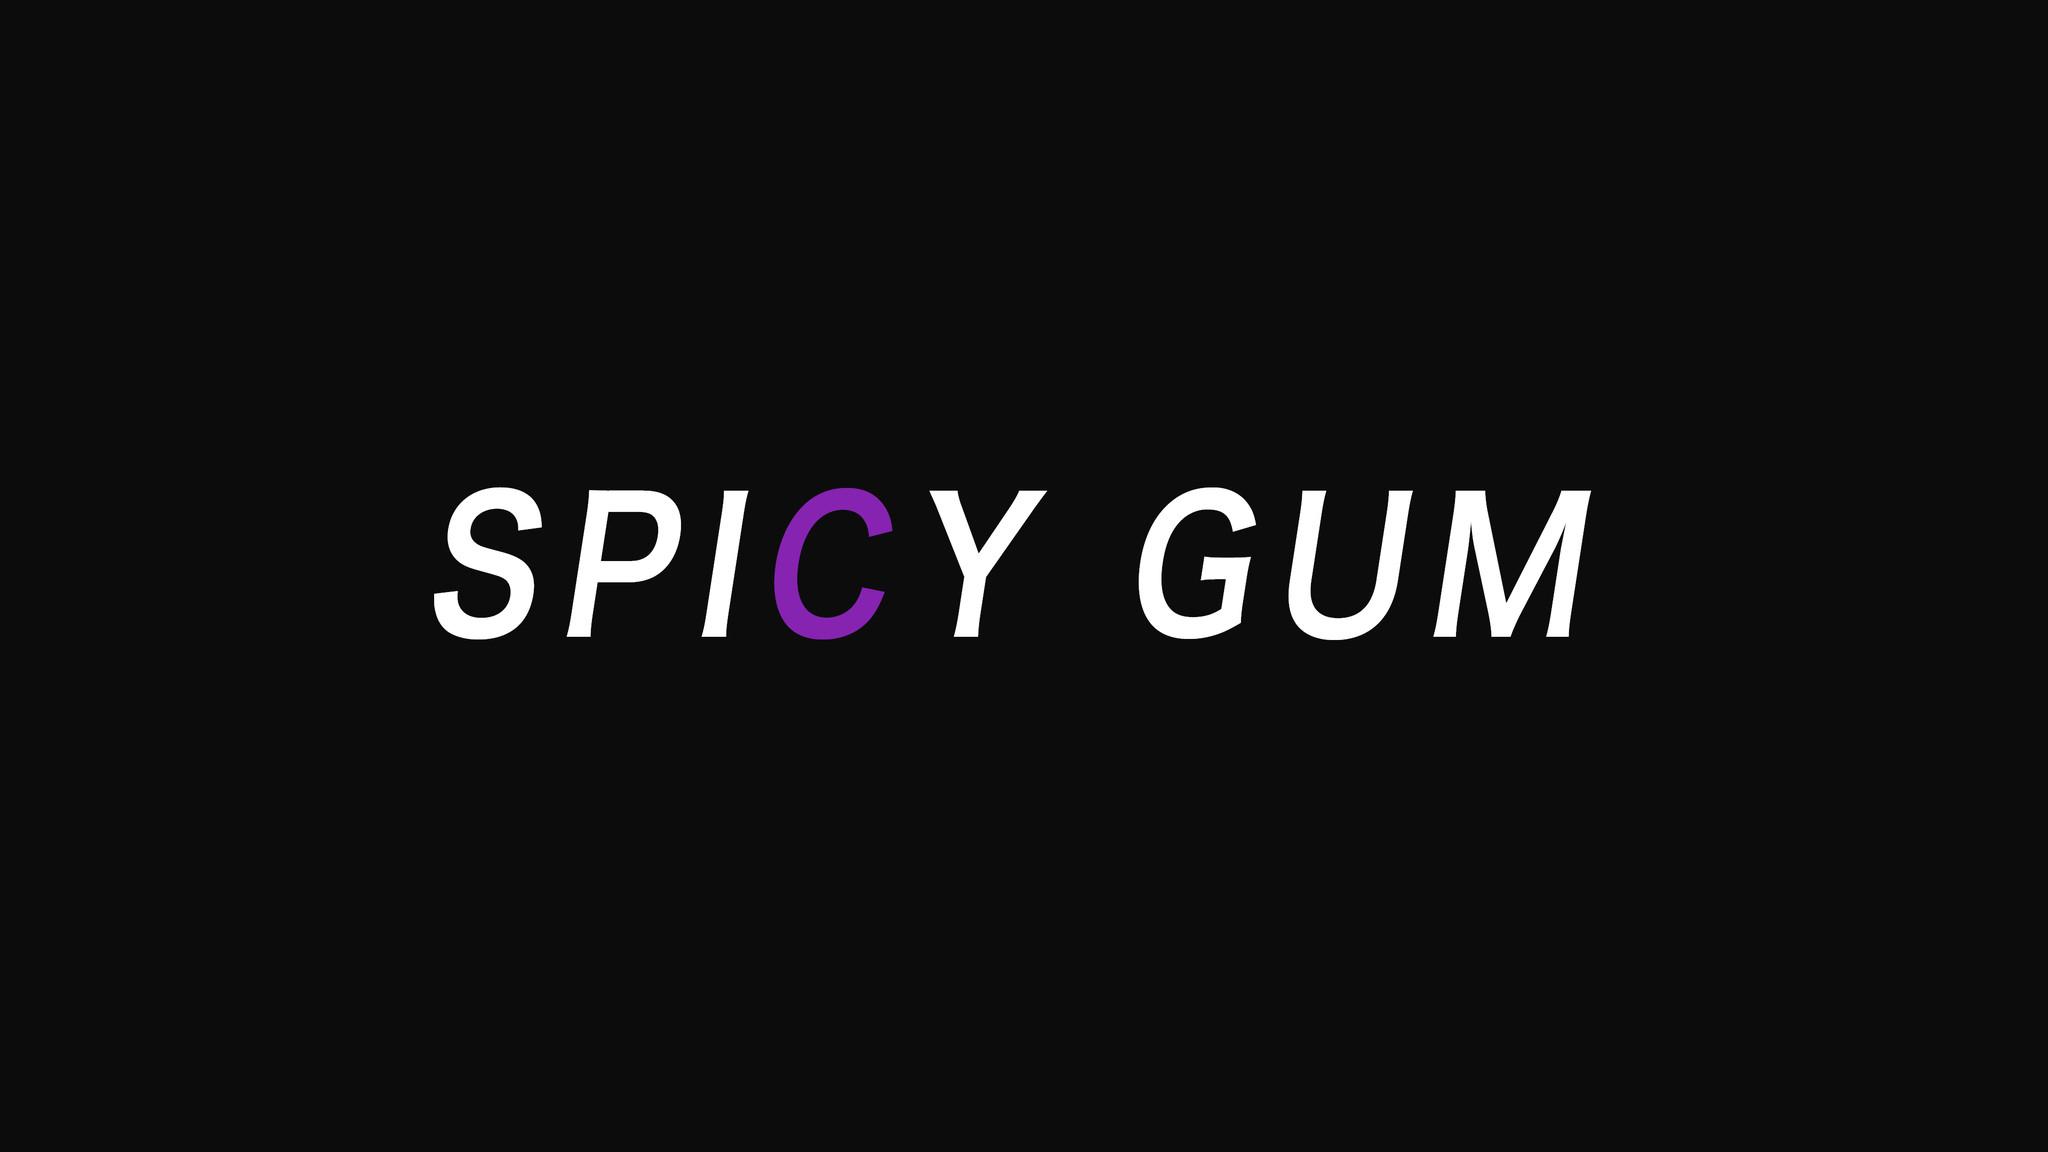 SPICY GUM